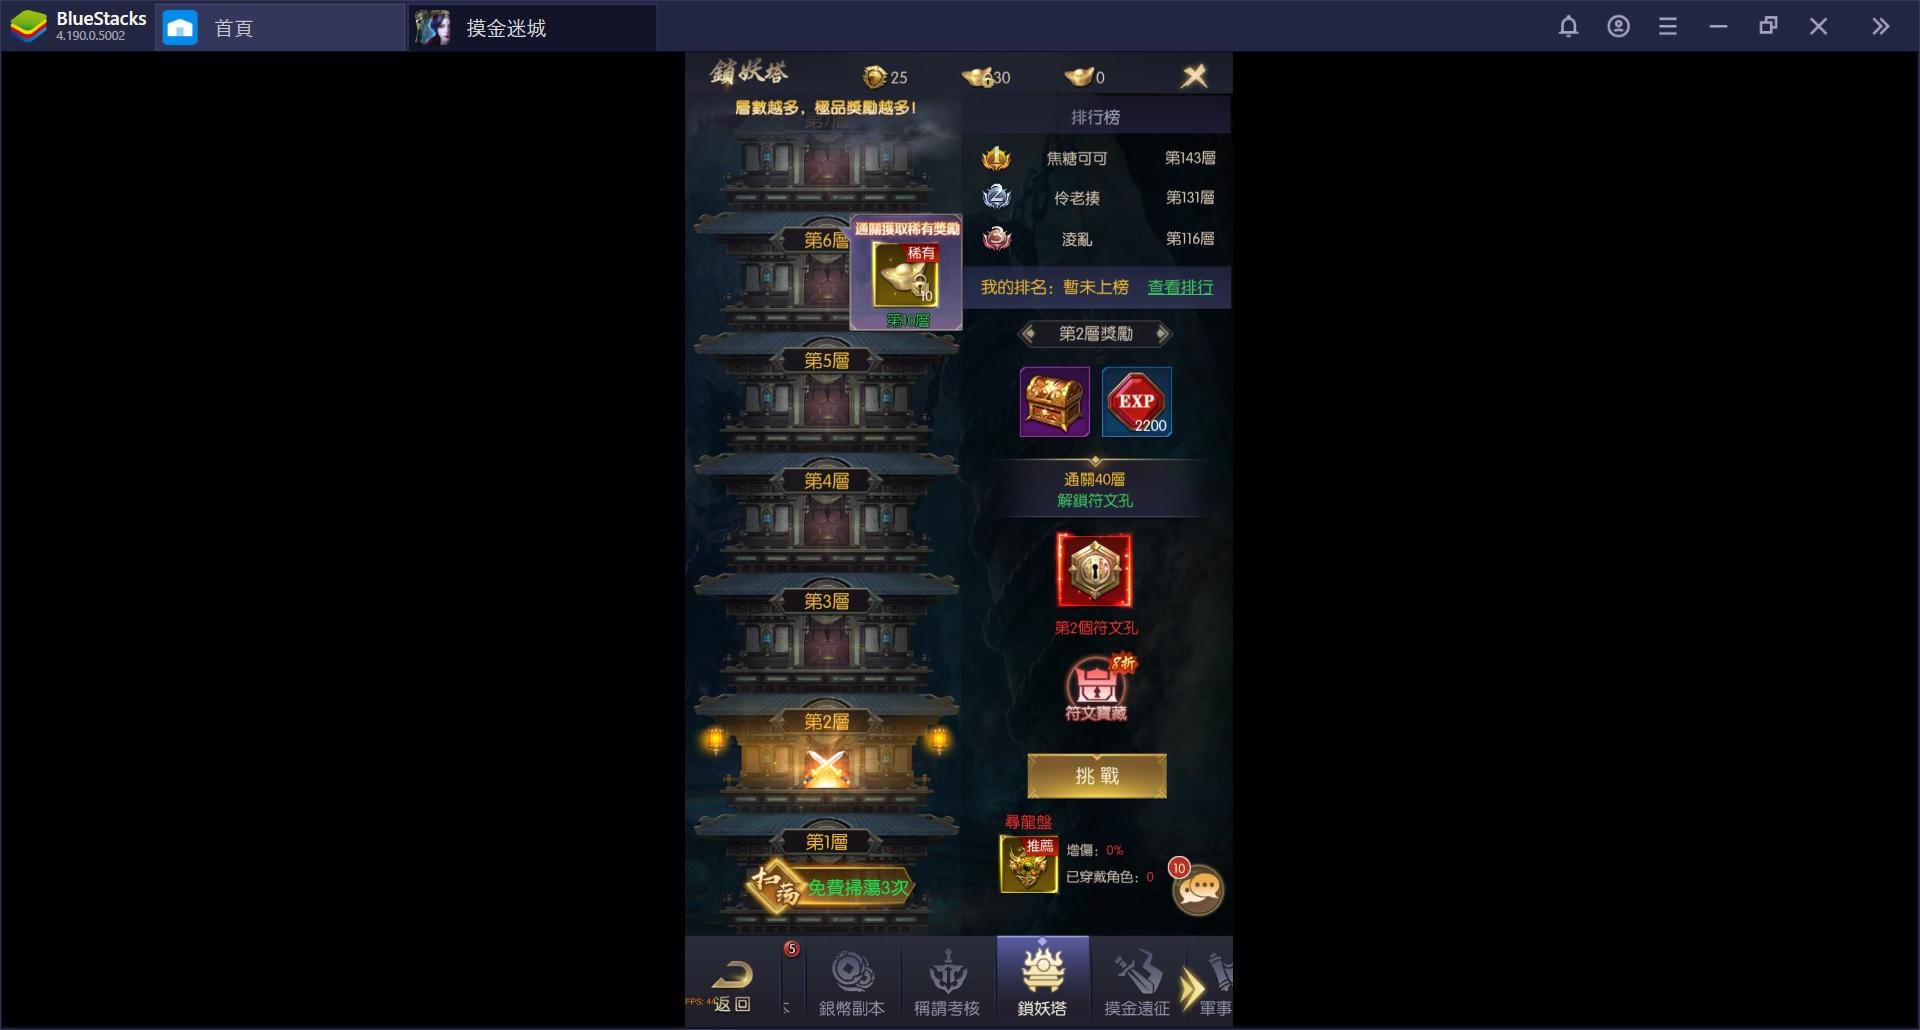 使用BlueStacks在PC上遊玩古墓探險RPG遊戲《摸金迷城》